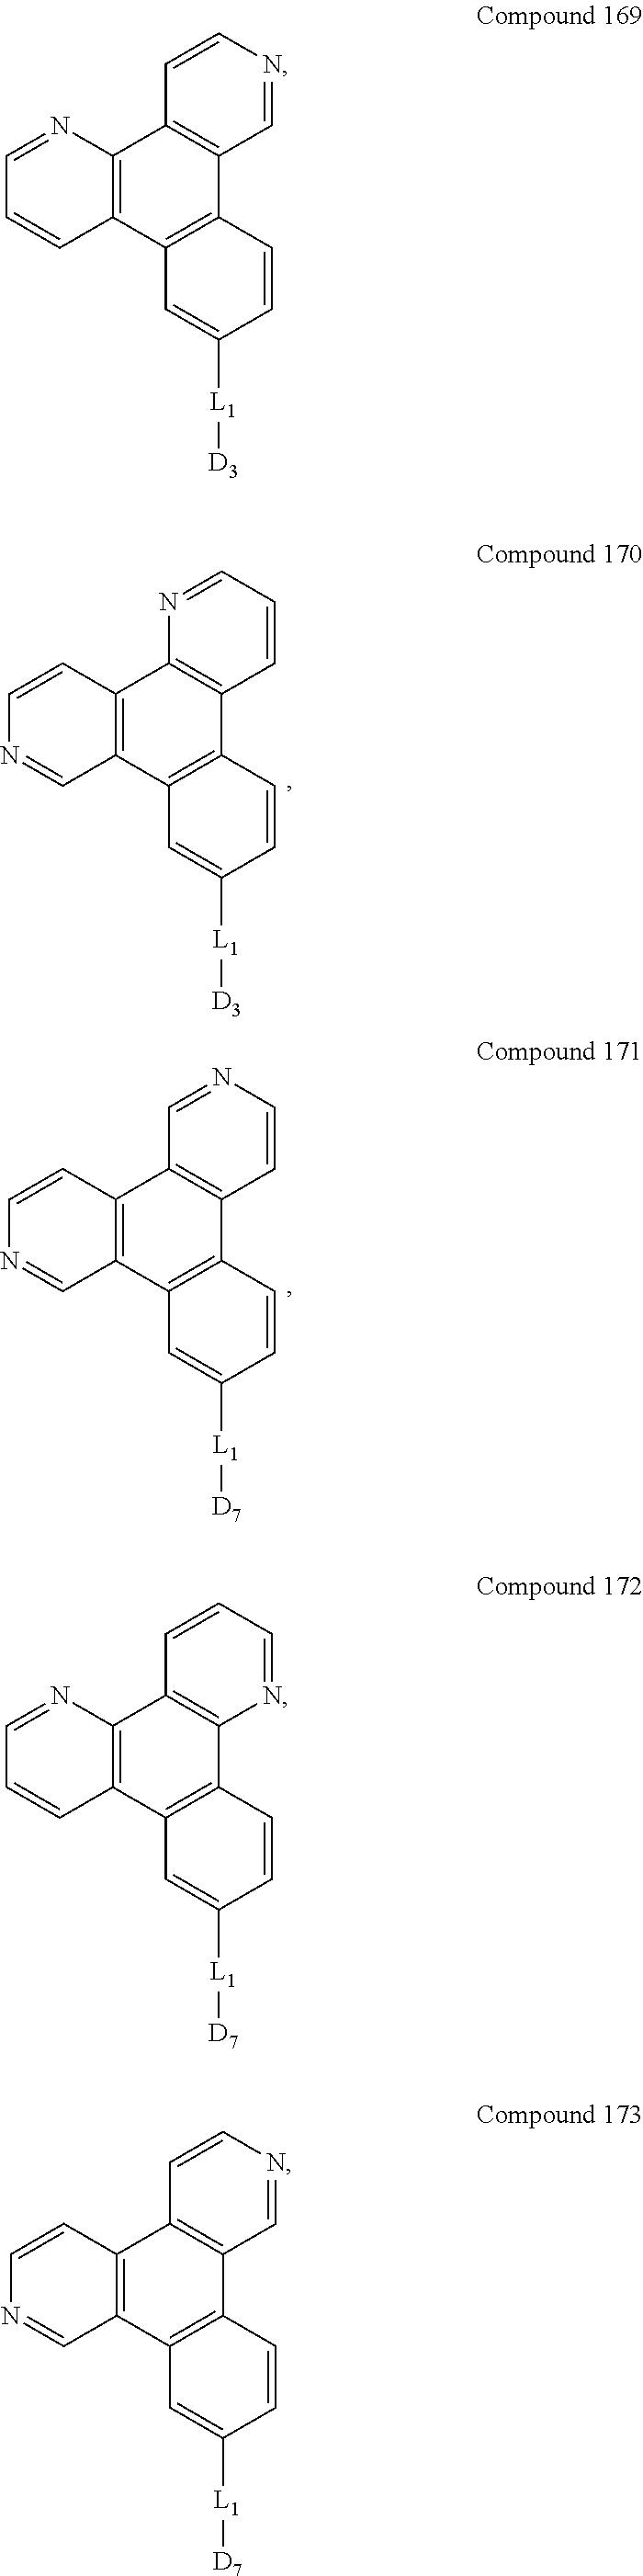 Figure US09537106-20170103-C00078